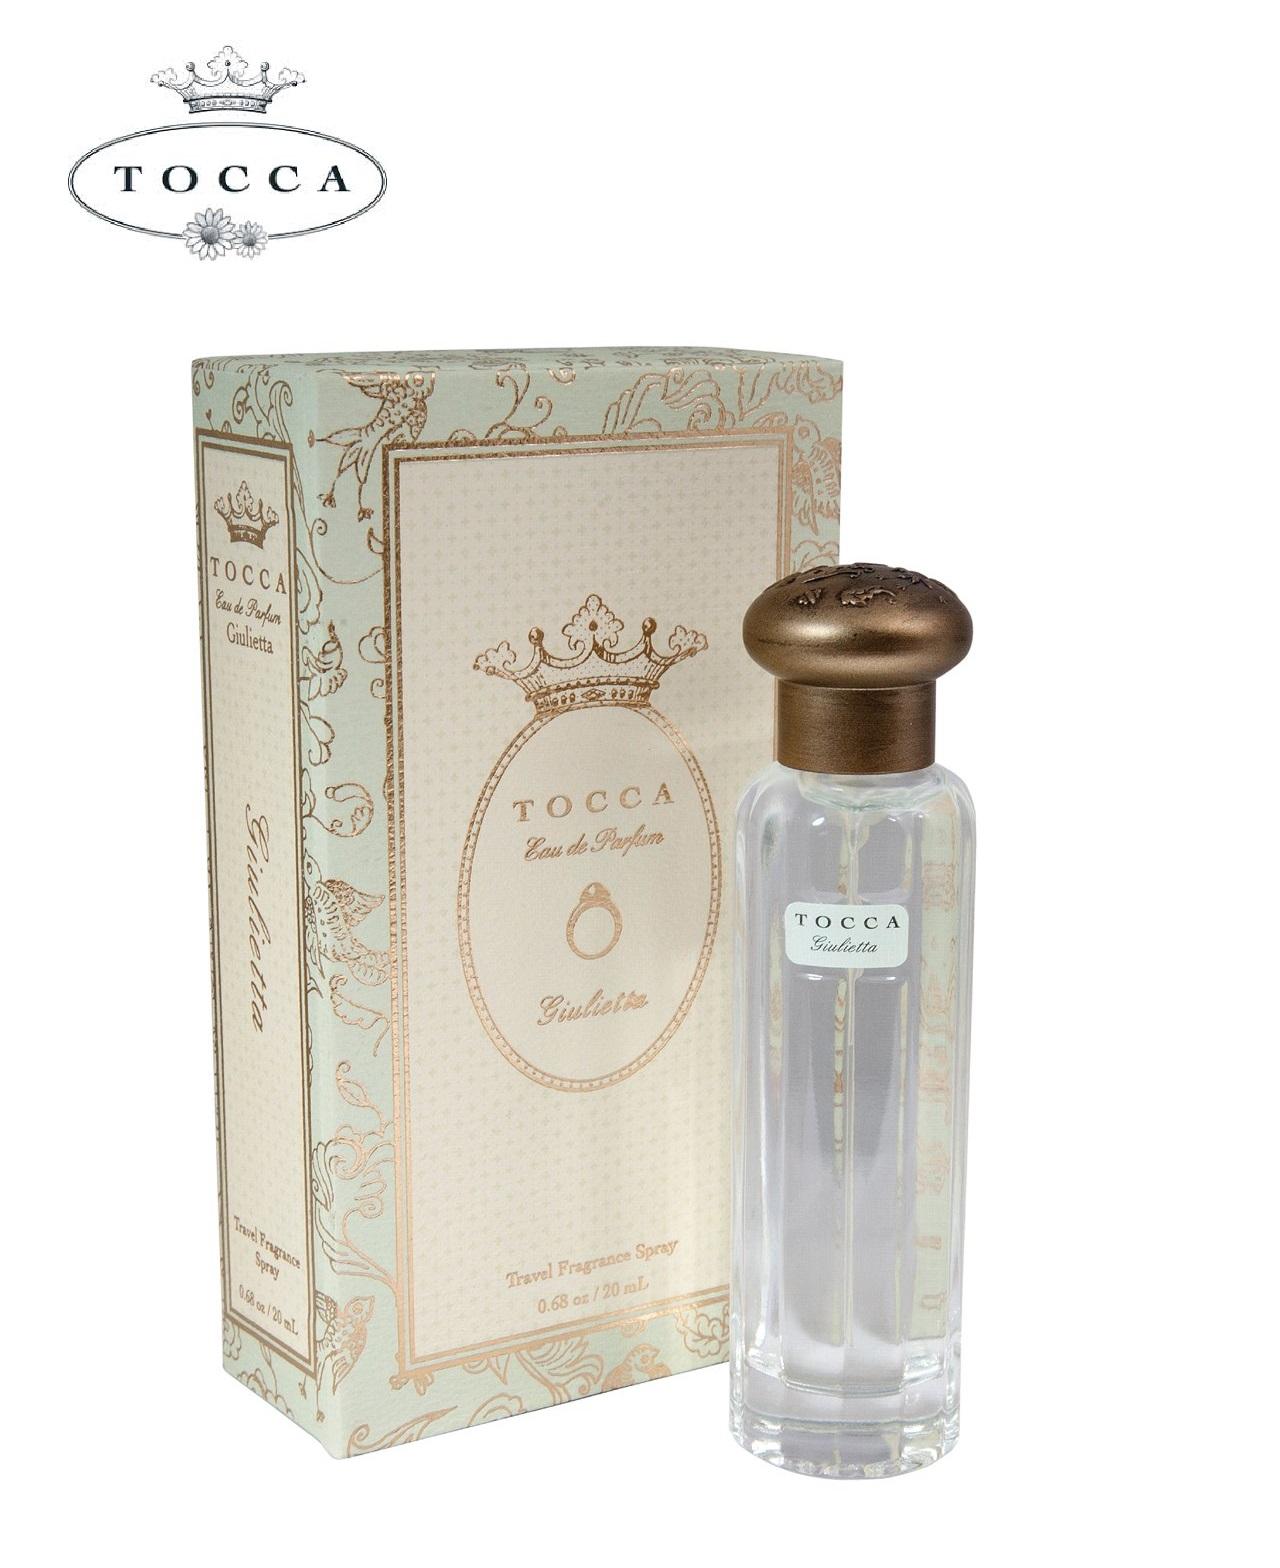 【TOCCA】トラベルフレグランススプレー ジュリエッタの香り 20ml